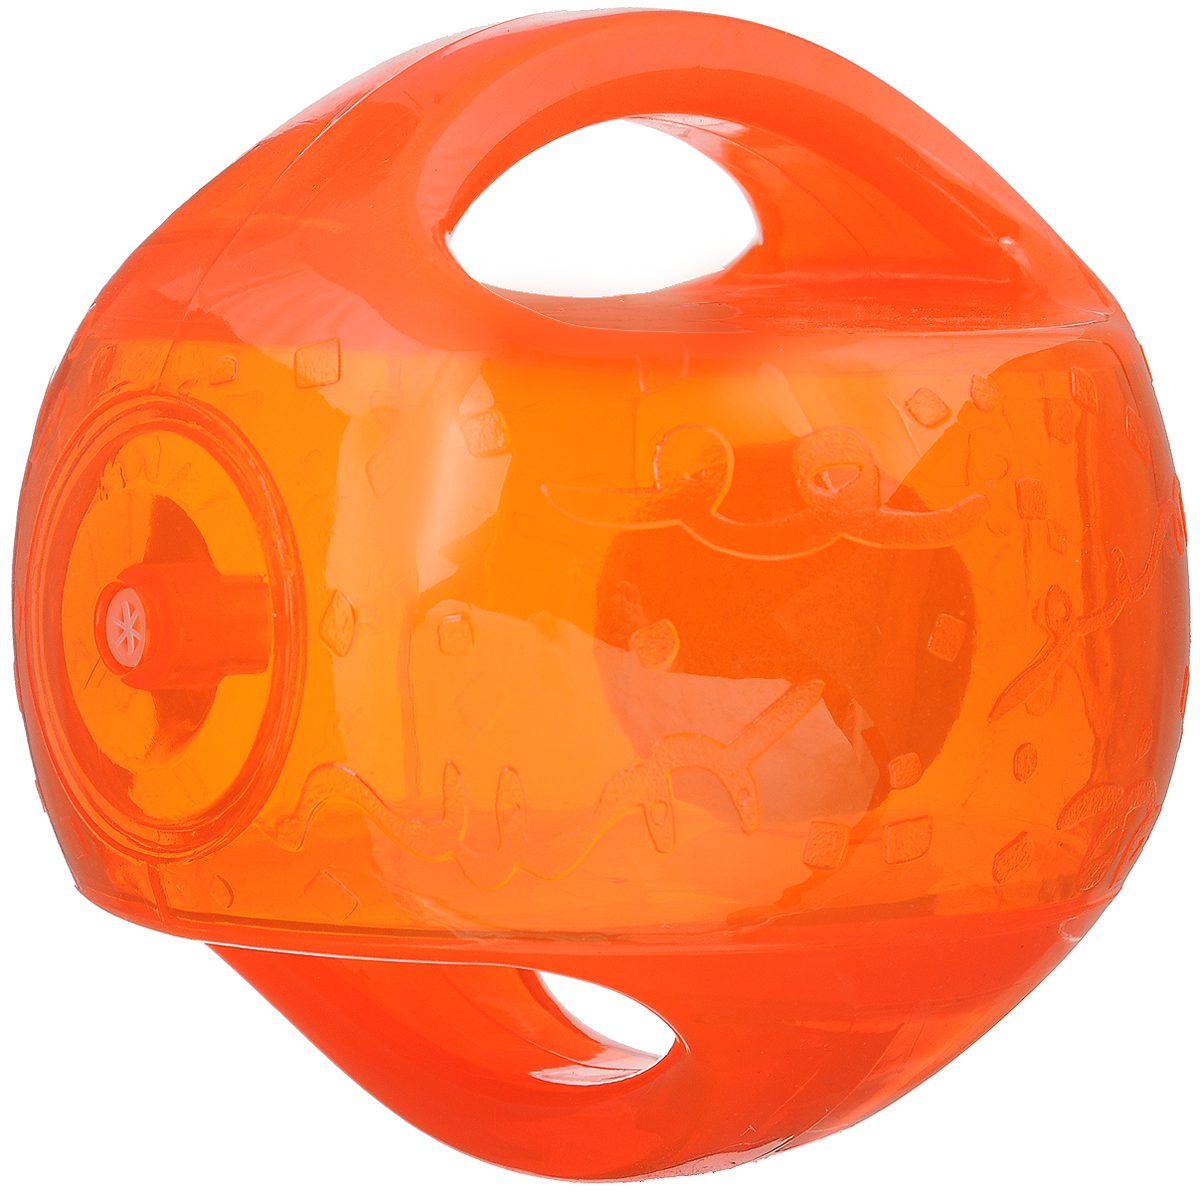 Игрушка для собак Kong Мячик, с пищалкой, цвет: оранжевый. 12 х 12 х 12 см0120710Игрушка для собак Kong Мячик, выполненная извысококачественного каучука, представляет собой мяч 2 в 1.Теннисный мяч, расположенный внутри, гремит и будетпривлекать внимание вашего питомца, побуждая достать его.Просто потрясите игрушку. Удобные ручки служат дляподнятия. Также изделие оснащено пищалкой.С такой игрушкой вы сможете играть в захватывающие иактивные игры с вашей собакой. Она прекрасно подходит дляживотных среднего и крупного размера, с сильными челюстямии для использования в качестве дрессировочного предмета.